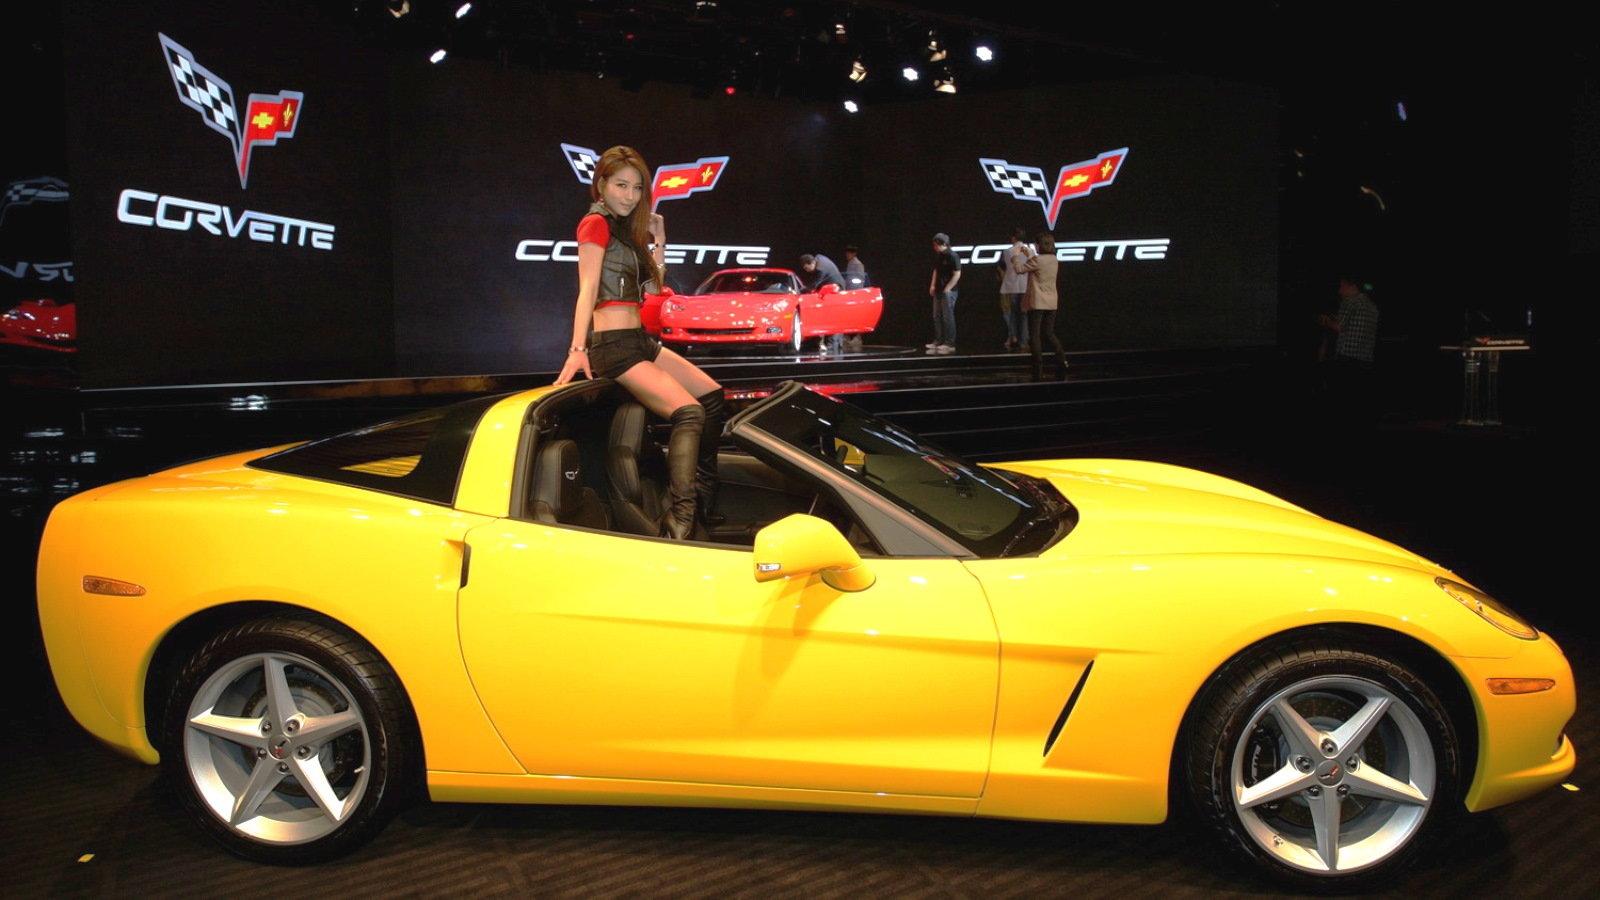 Corvette C6 in Korea